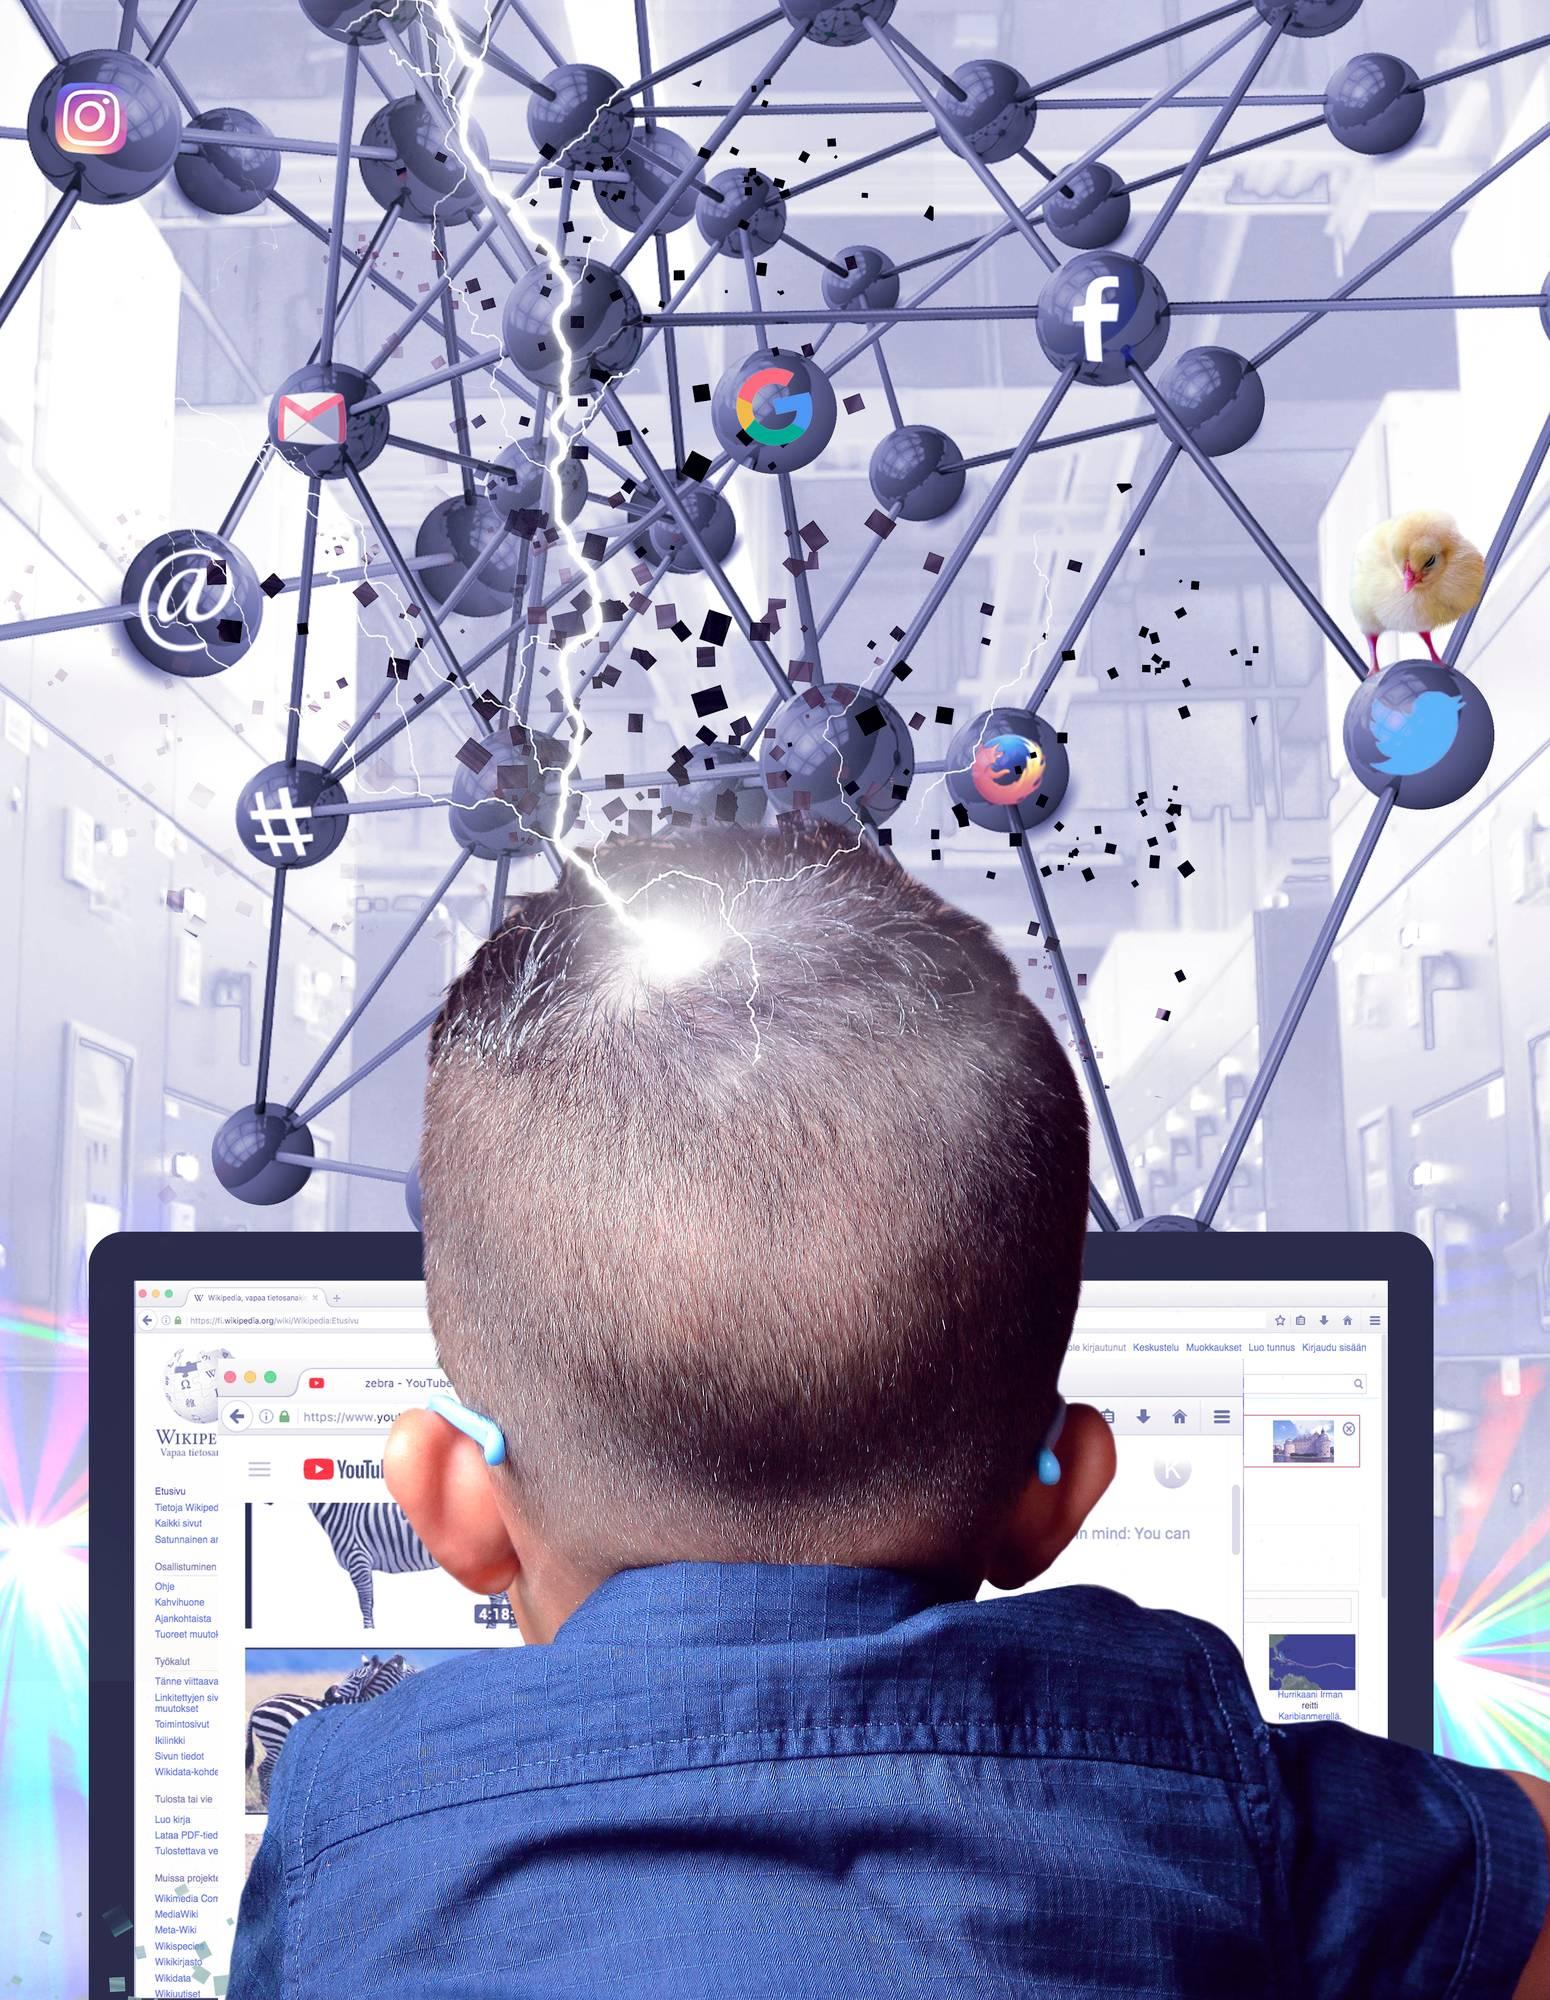 Kuvituskuva: Oppilas työskentelee tietokoneella, jonka takana näkyy digitaalinen verkko, jossa on erilaisia sovelluskuvakkeita.